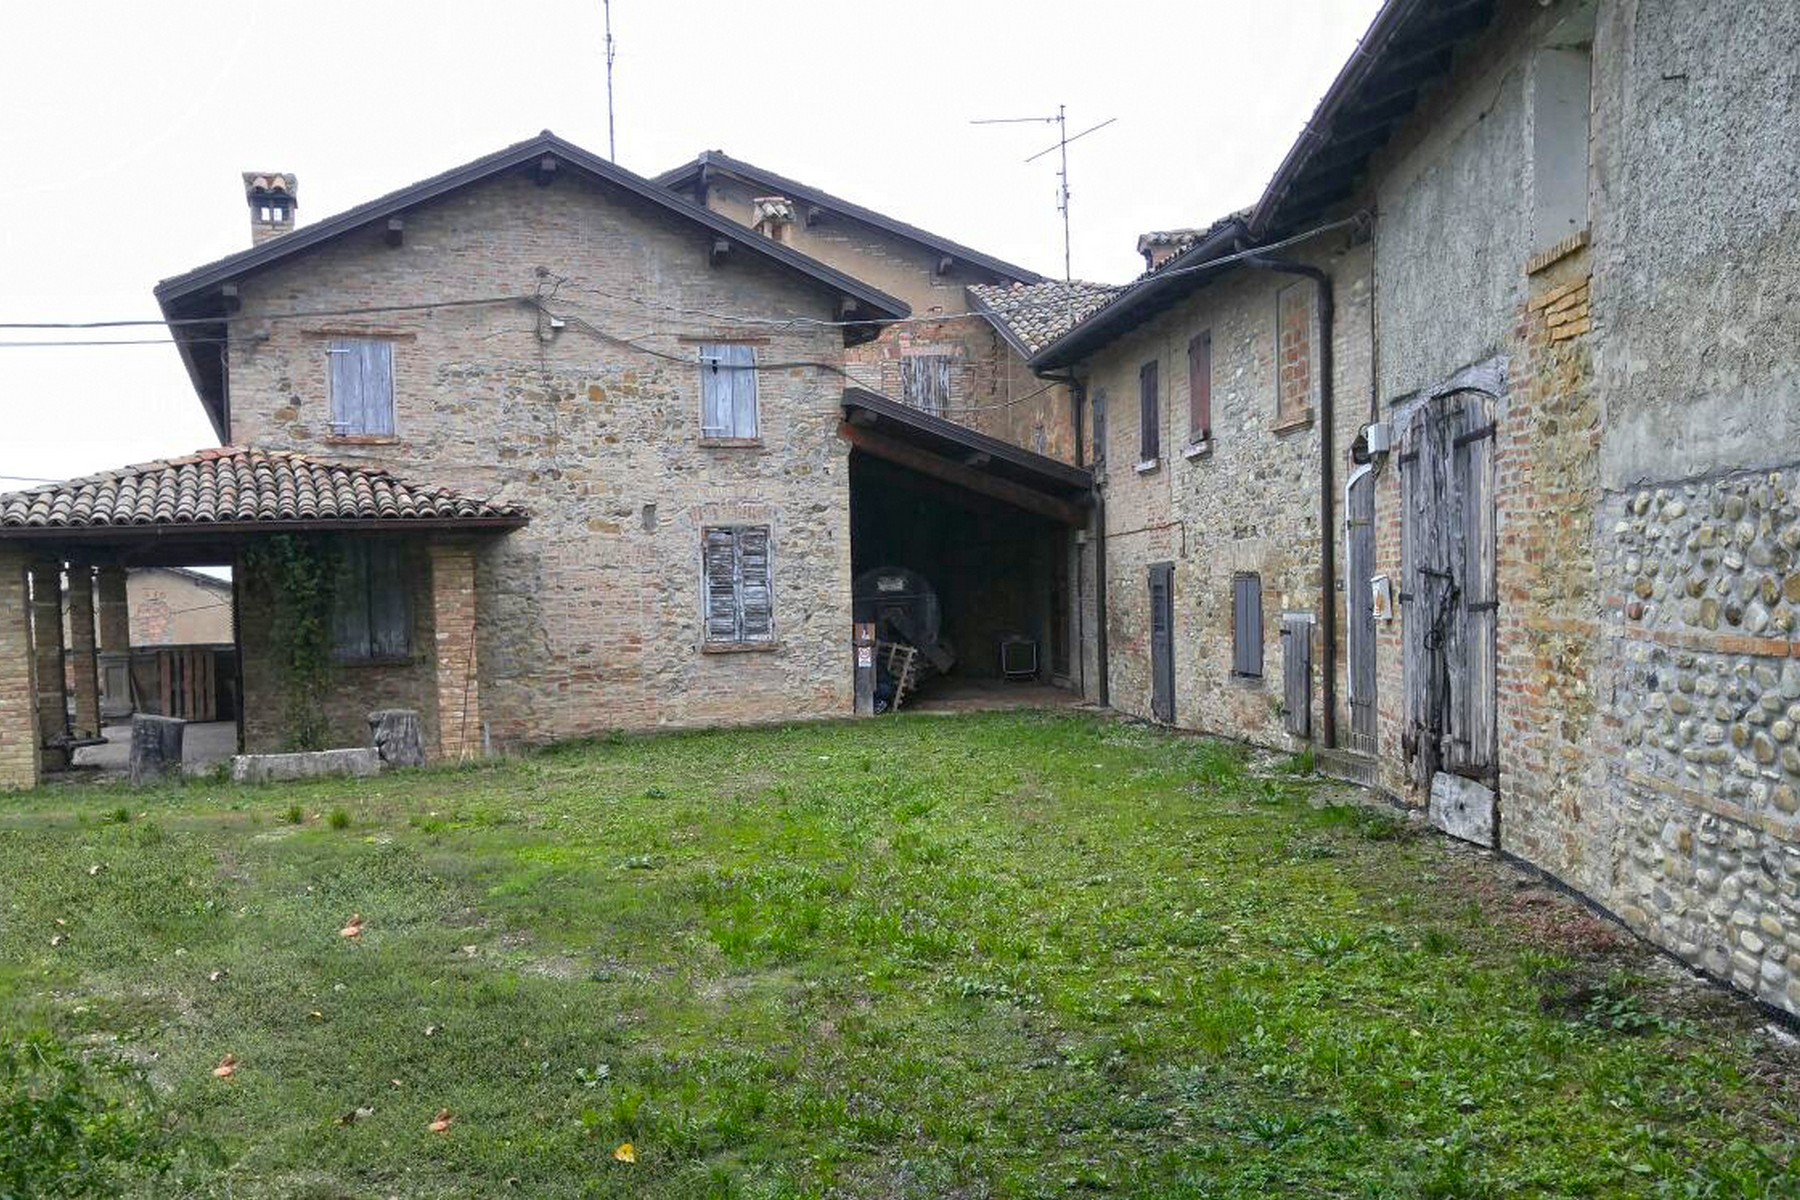 Rustico in Vendita a Castelvetro Di Modena: 5 locali, 3100 mq - Foto 6